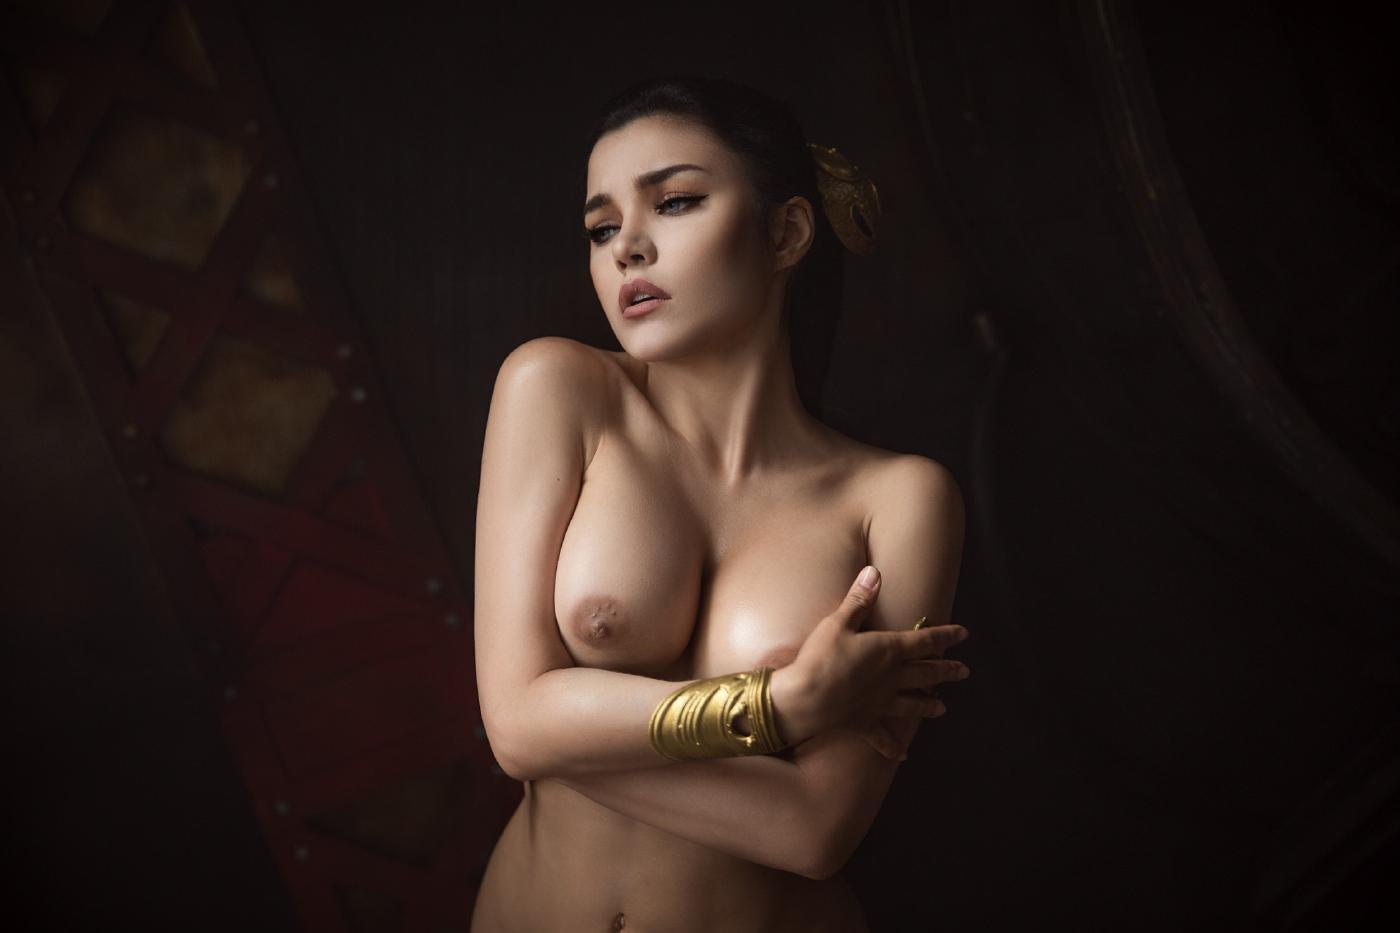 Kalinka Fox Nude Princess Leia Cosplay Set Leaked Kzocwd